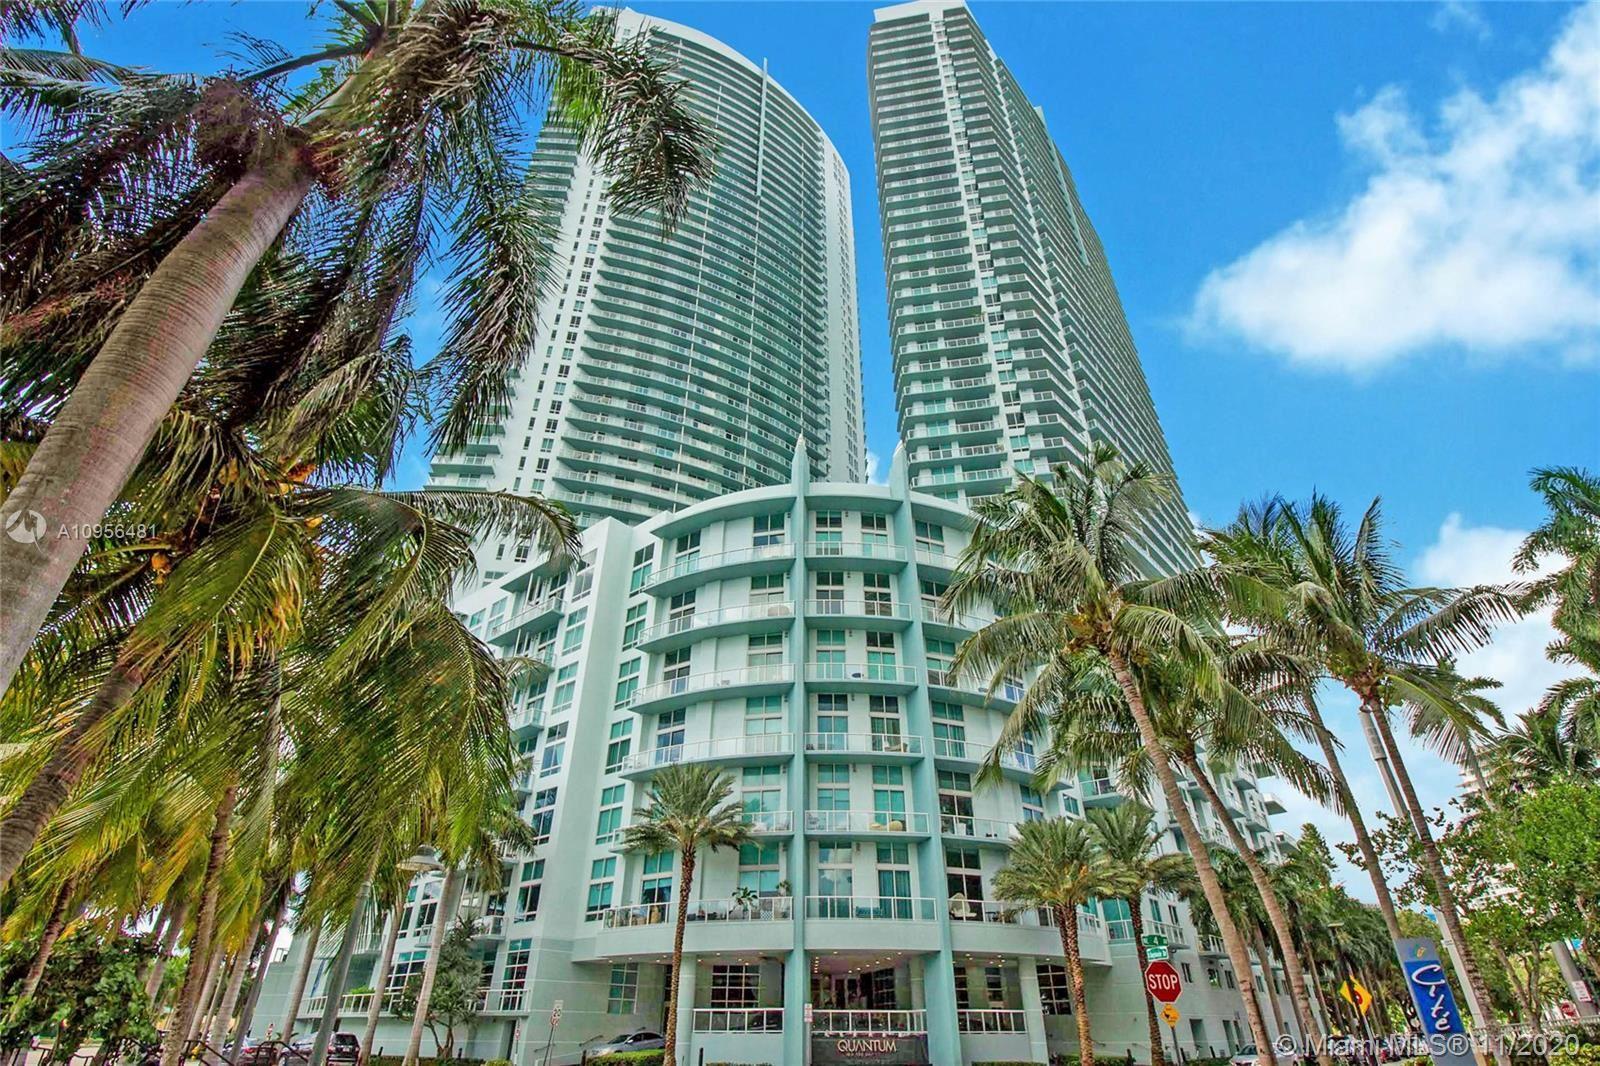 1900 N Bayshore Dr #2319, Miami, FL 33132 - #: A10956481